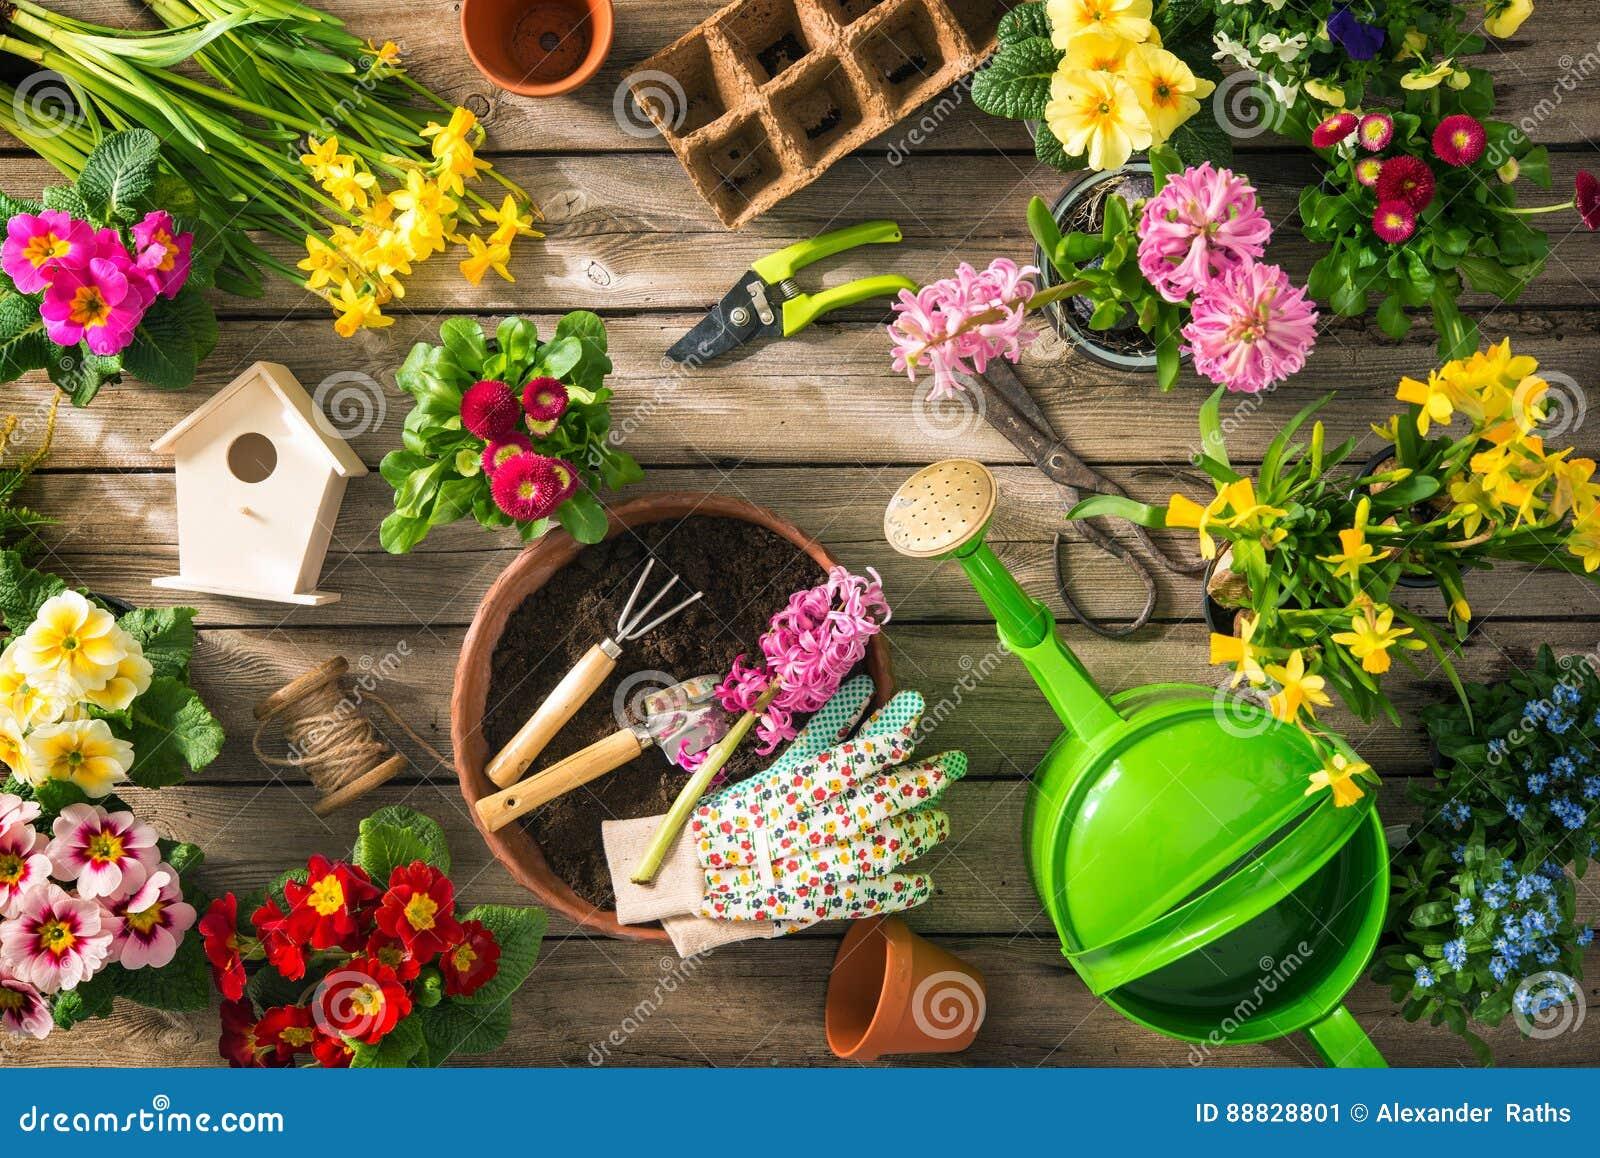 Giardinaggio Fiori.Strumenti Di Giardinaggio E Fiori Della Molla Immagine Stock